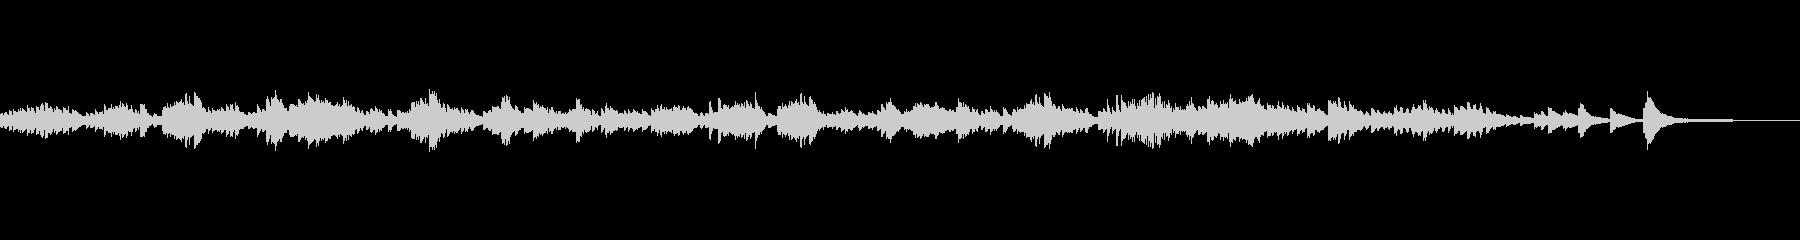 リズミカルなピアノによるフーガの未再生の波形